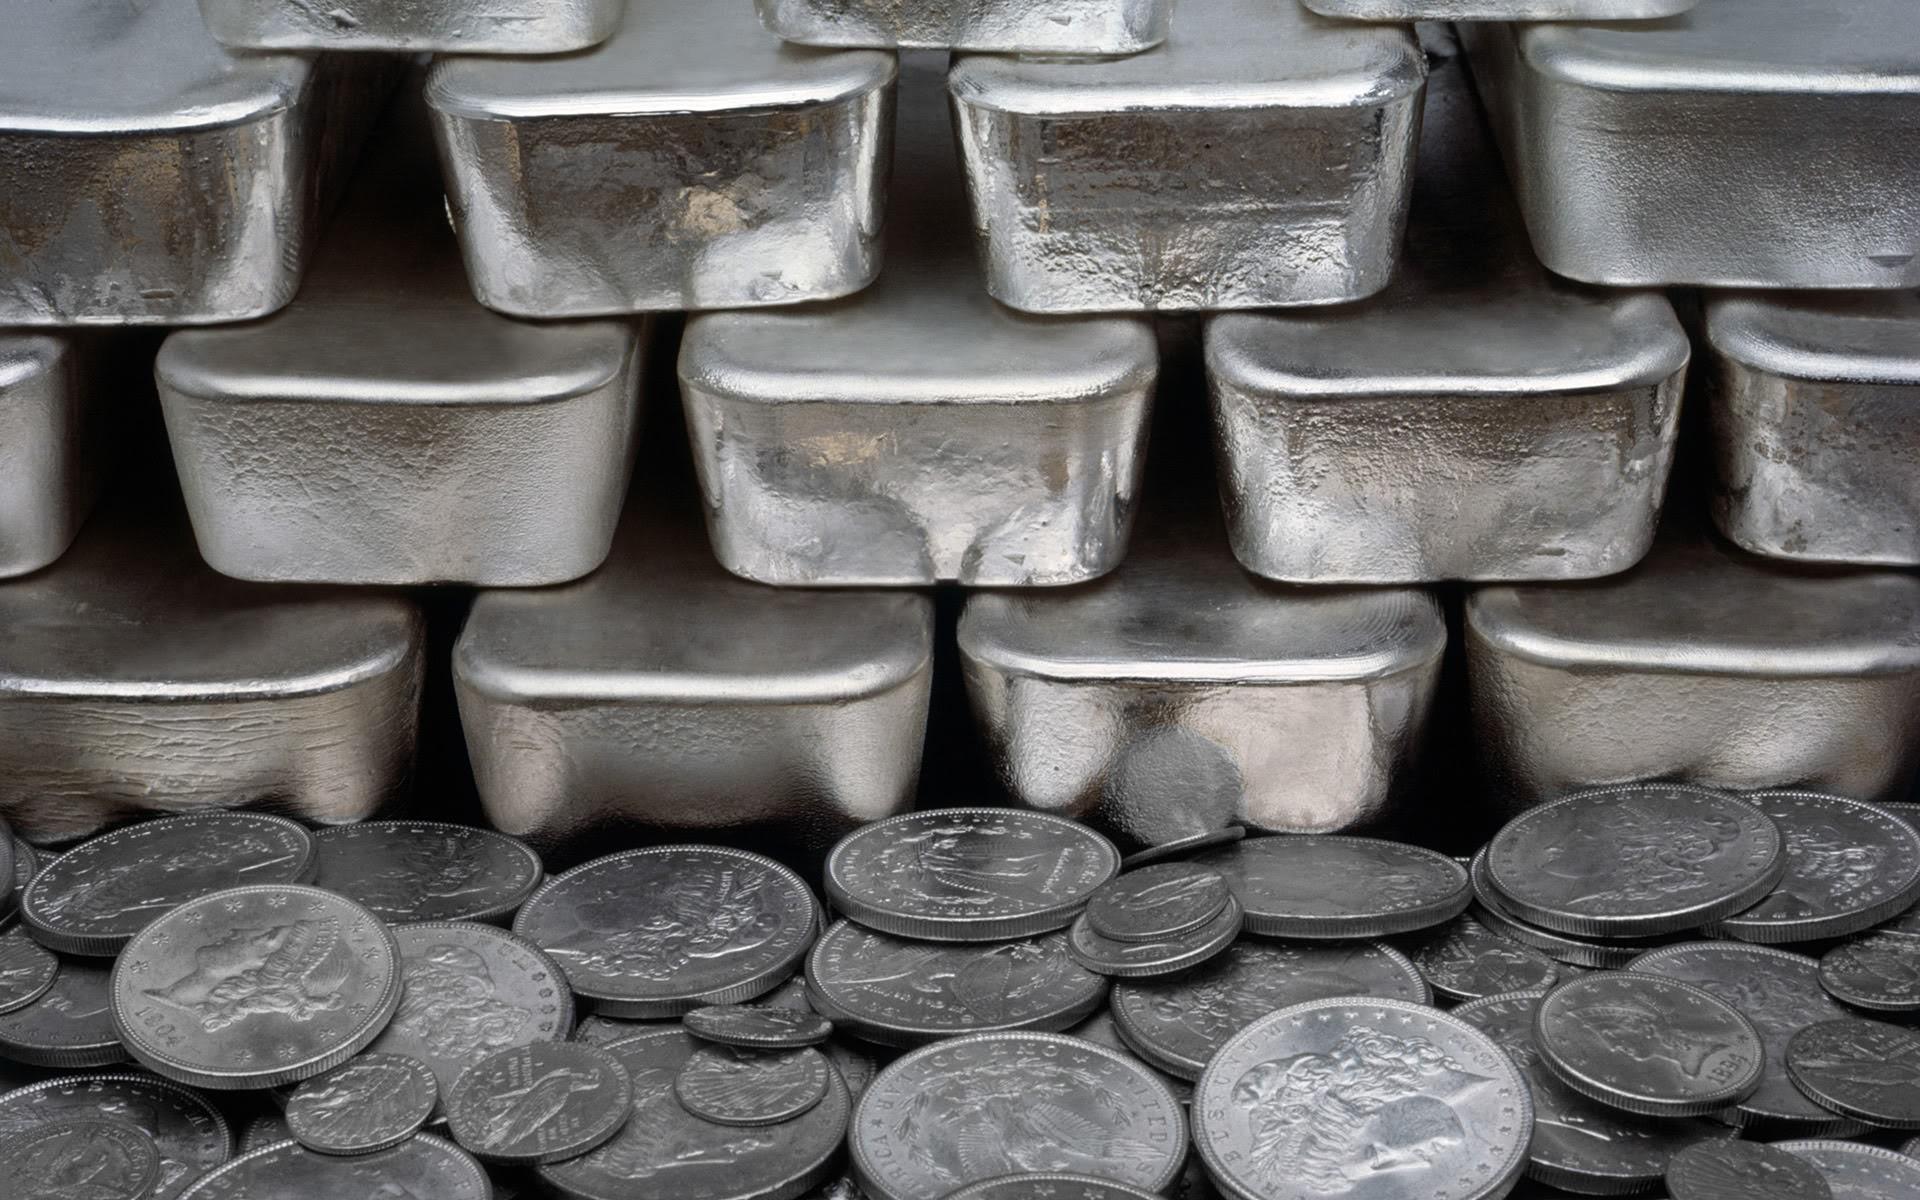 Tavaly olcsó maradt az ezüst, az idén drágulhat